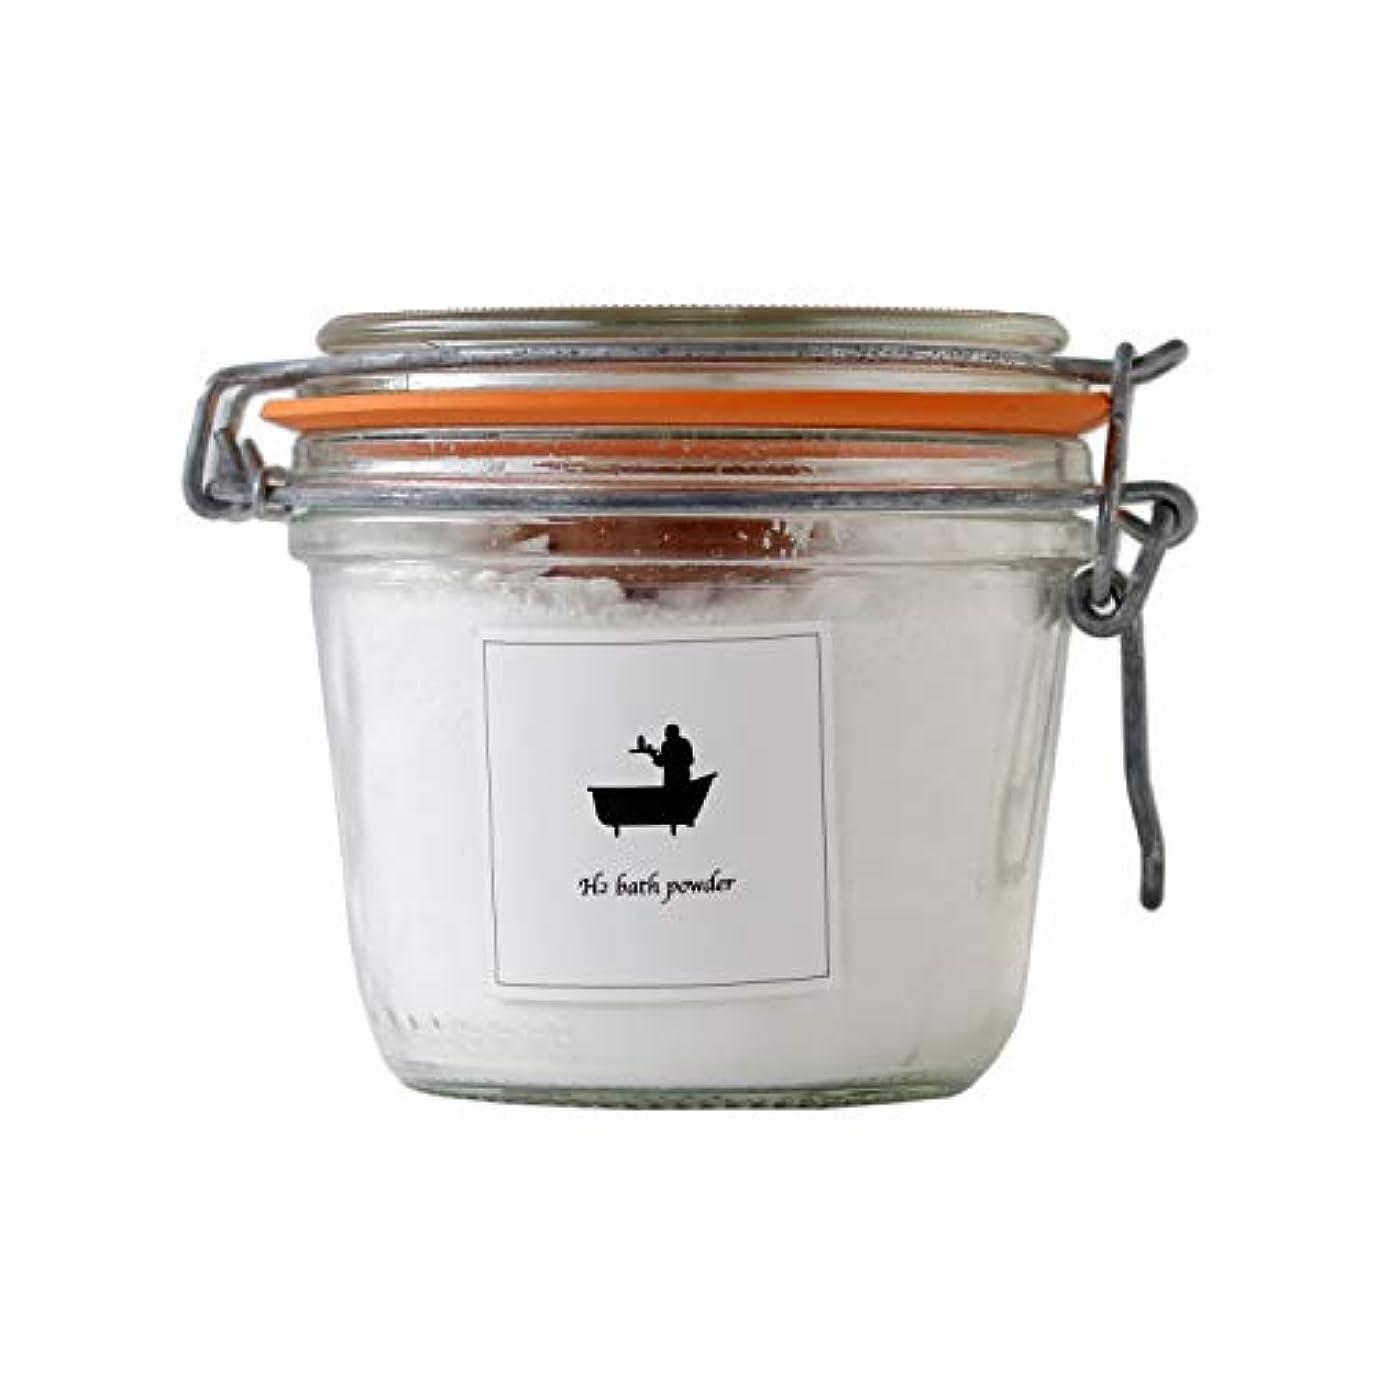 シェルアンタゴニスト円周水素入浴剤「BATHLIER H2 bath powder」RDモイストバスパウダー/ジャータイプ